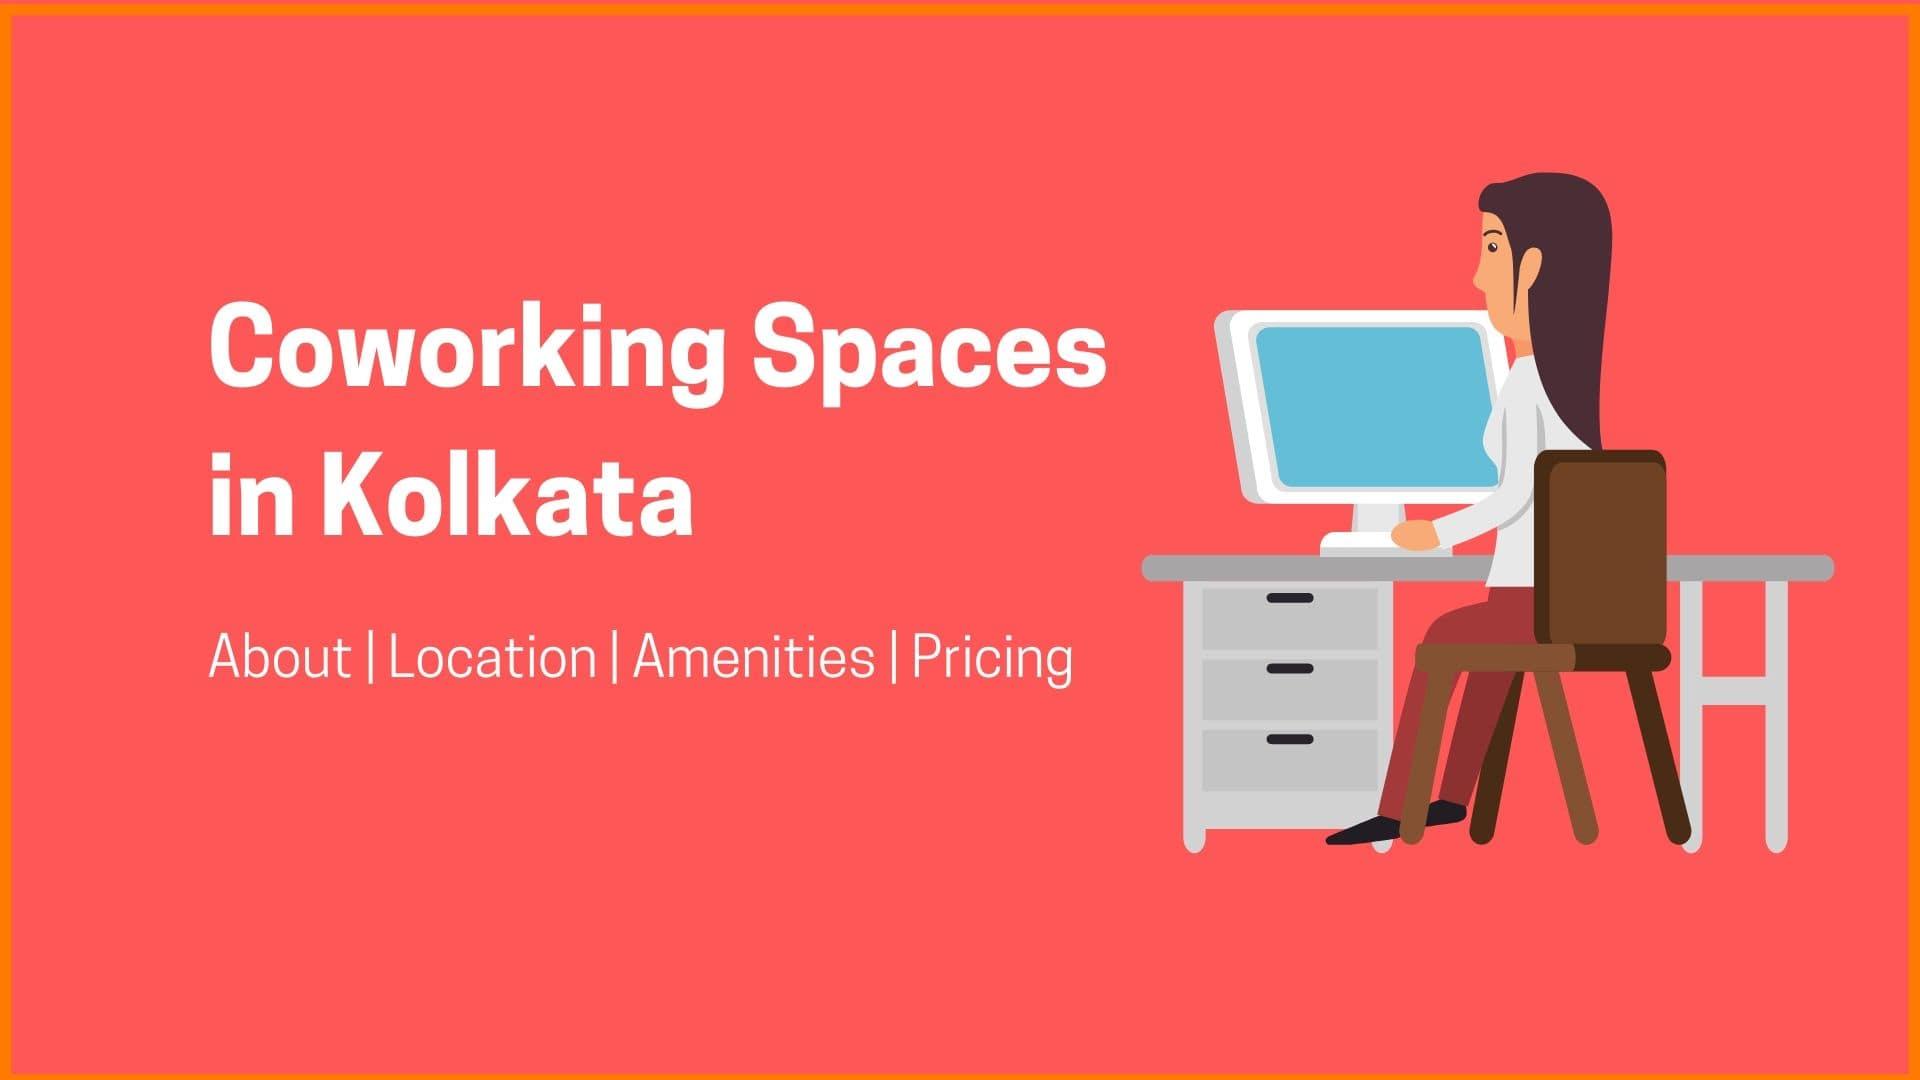 10 Best Coworking Spaces in Kolkata